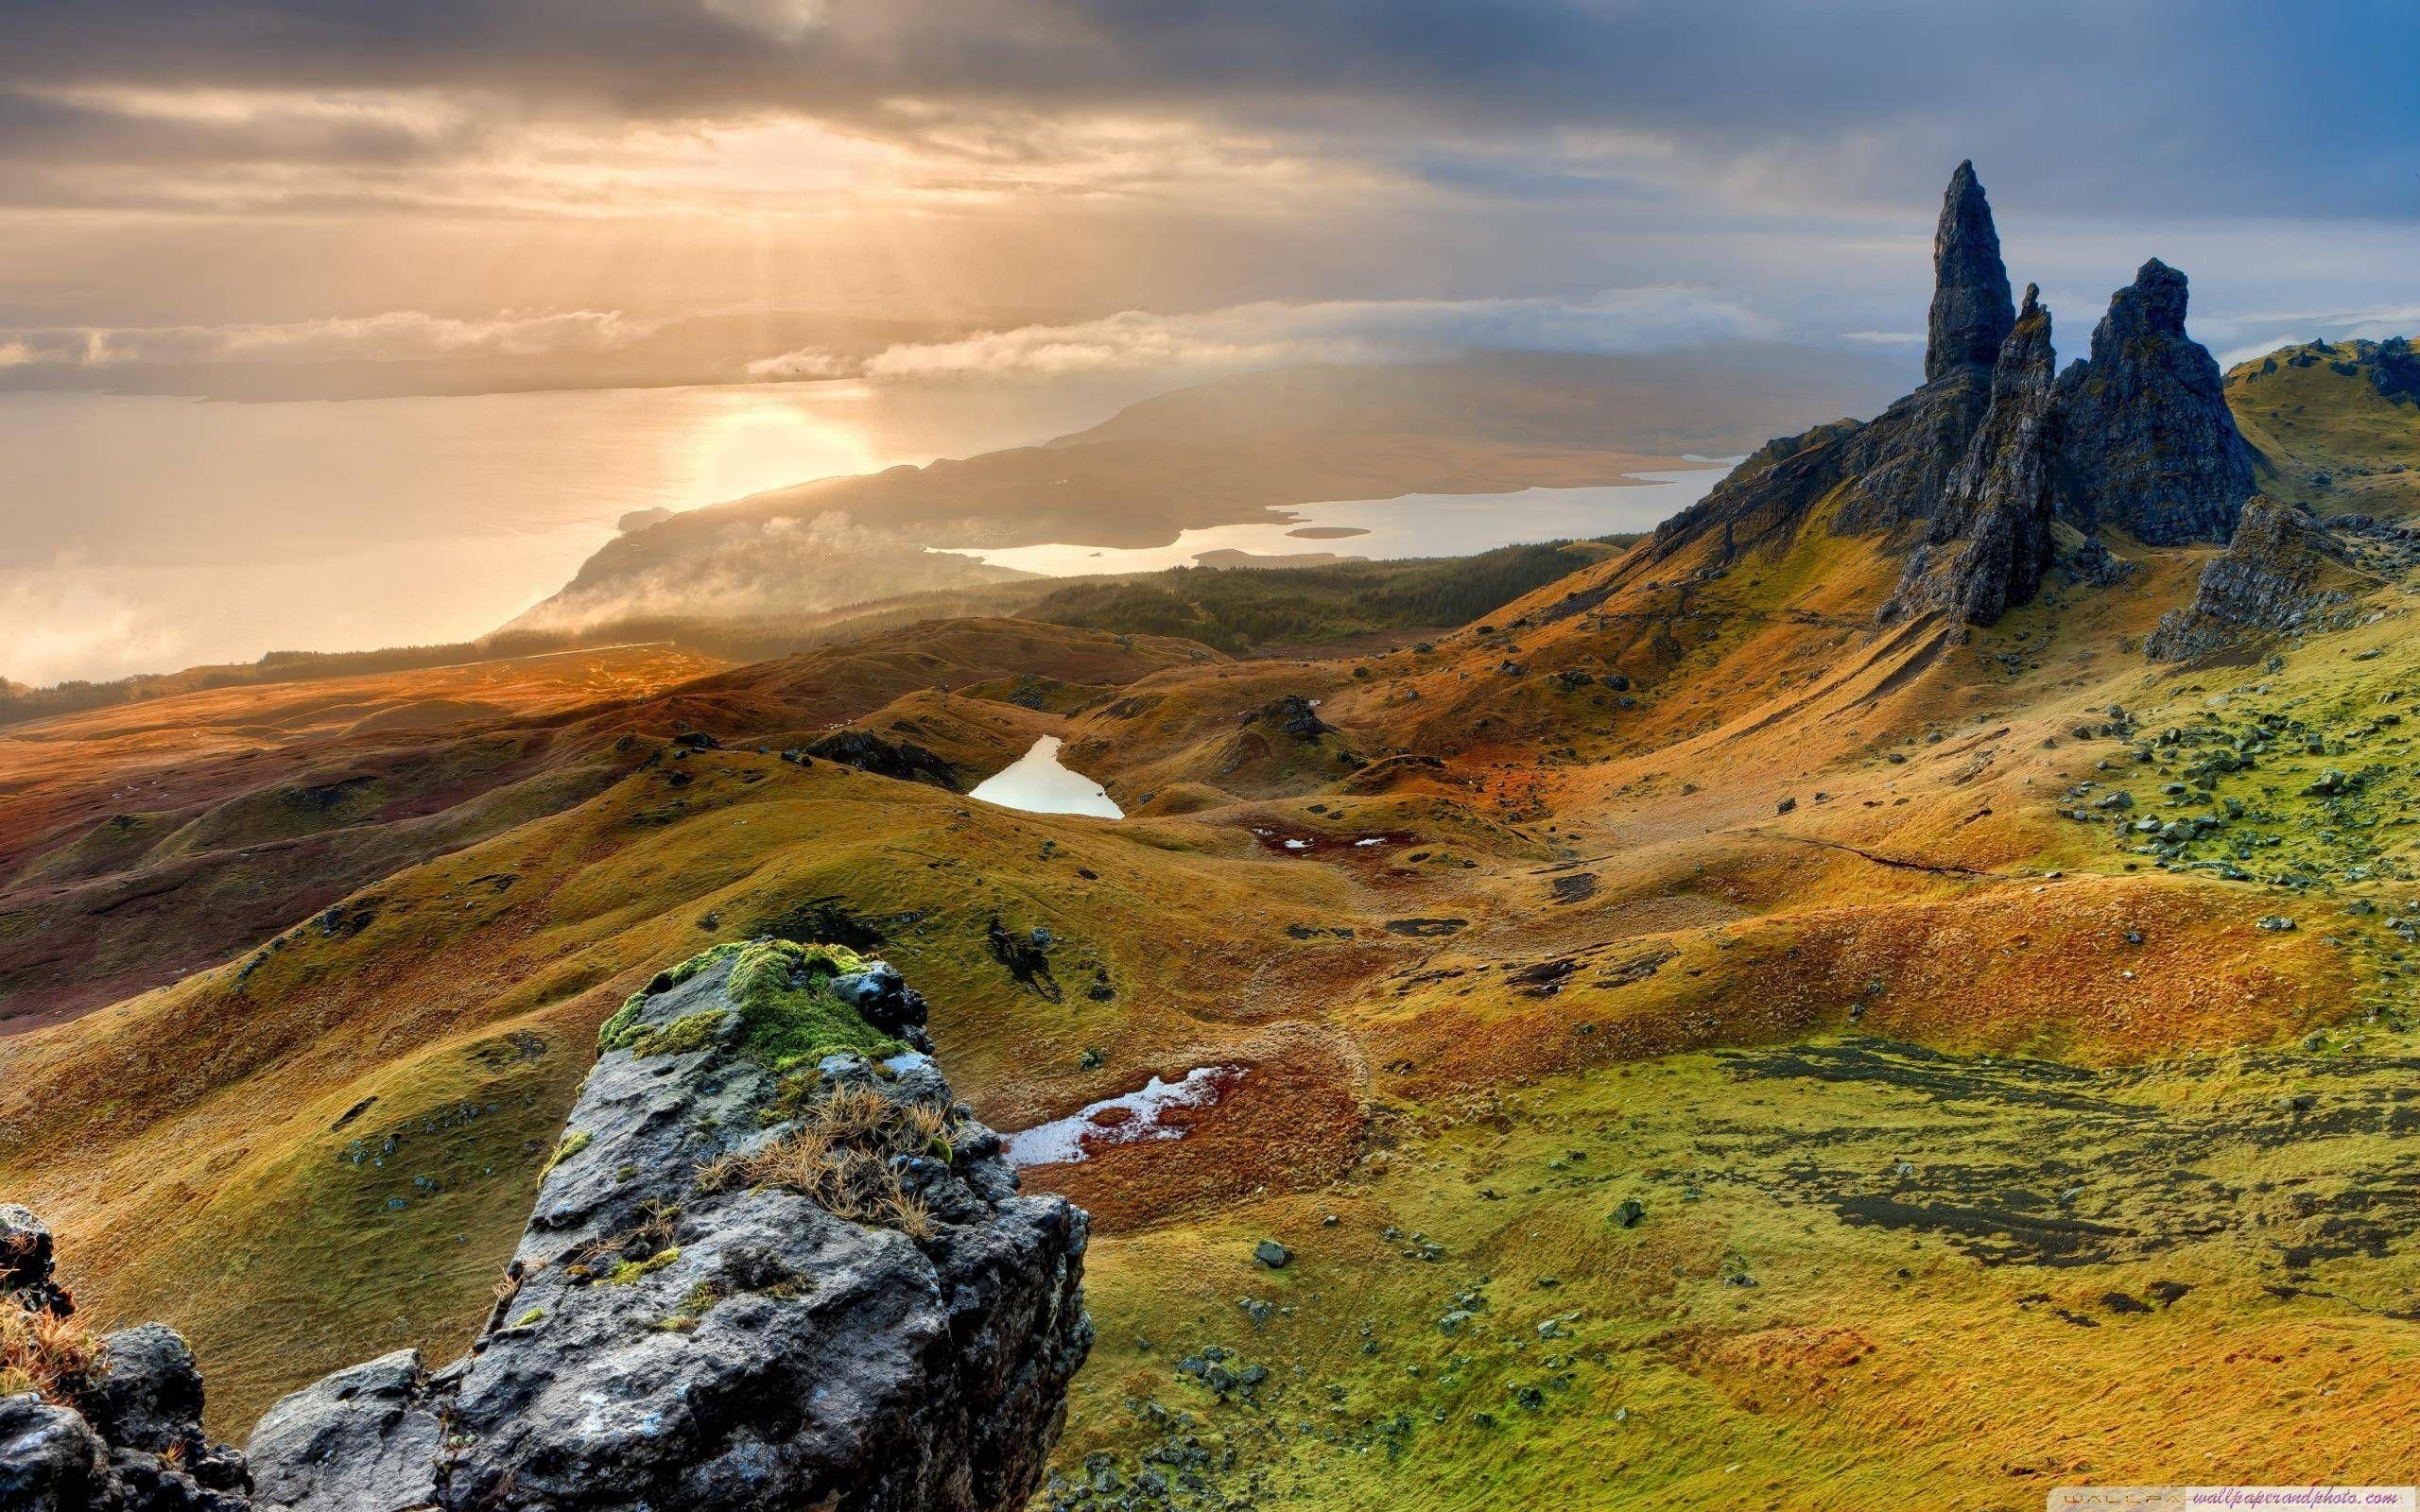 the storr hill panorama scotland hd desktop wallpaper fullscreen mobile dual monitor